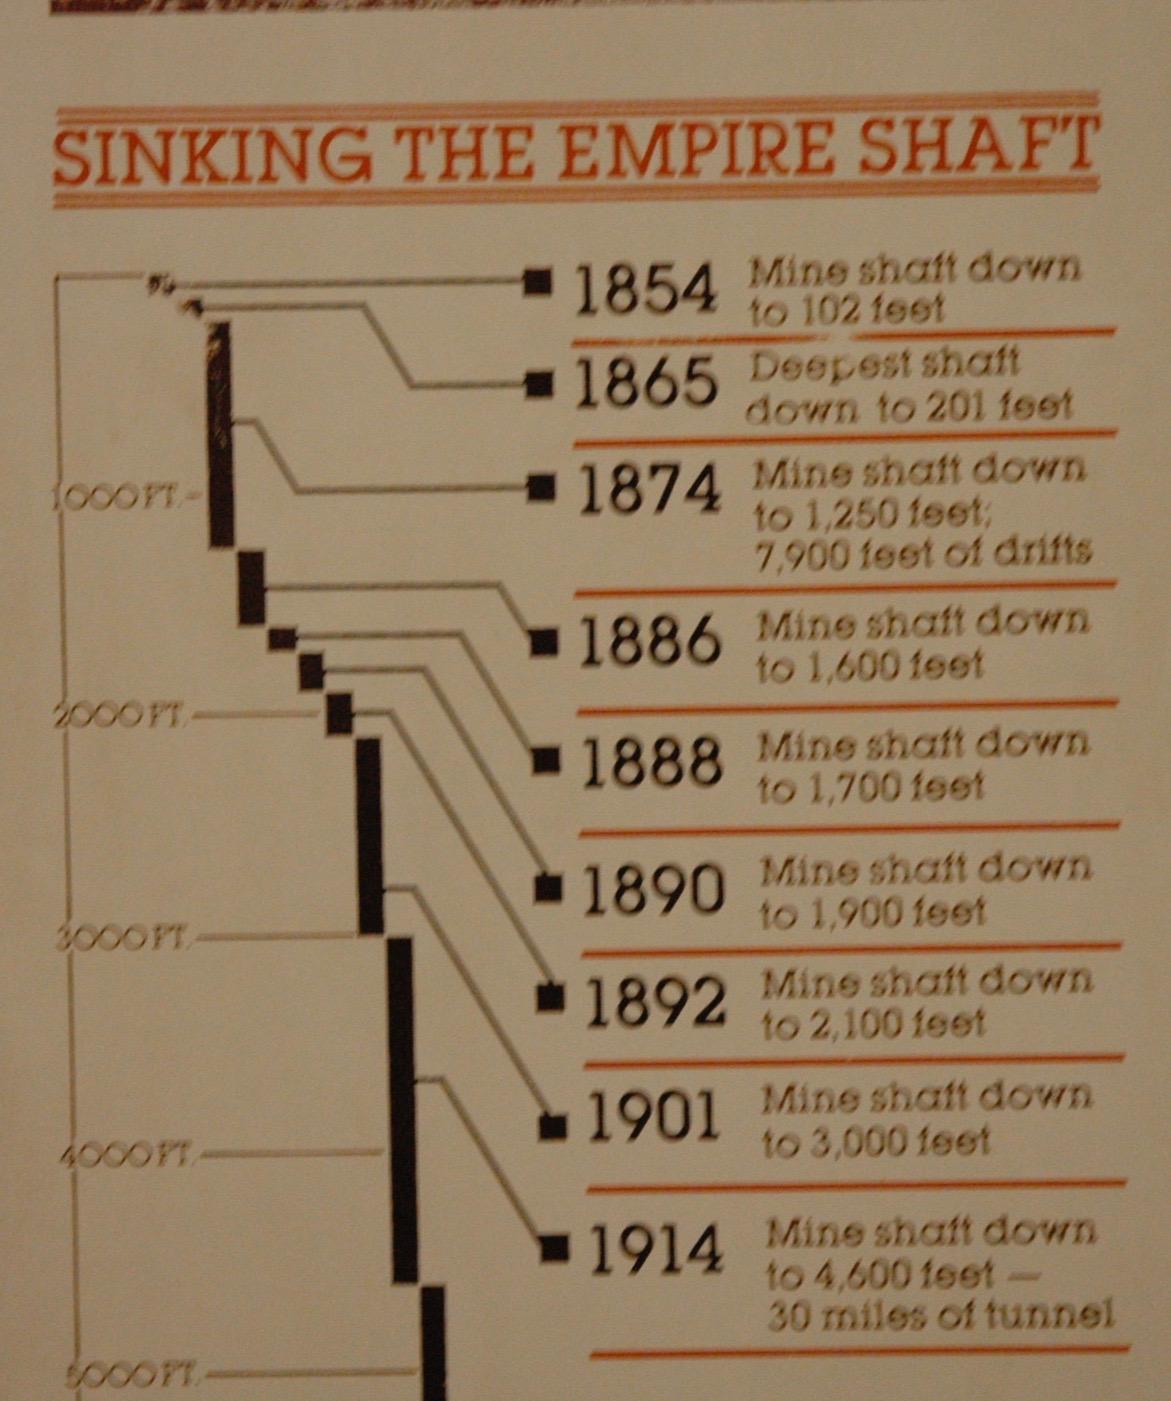 到達深度の図 1854年に掘削開始